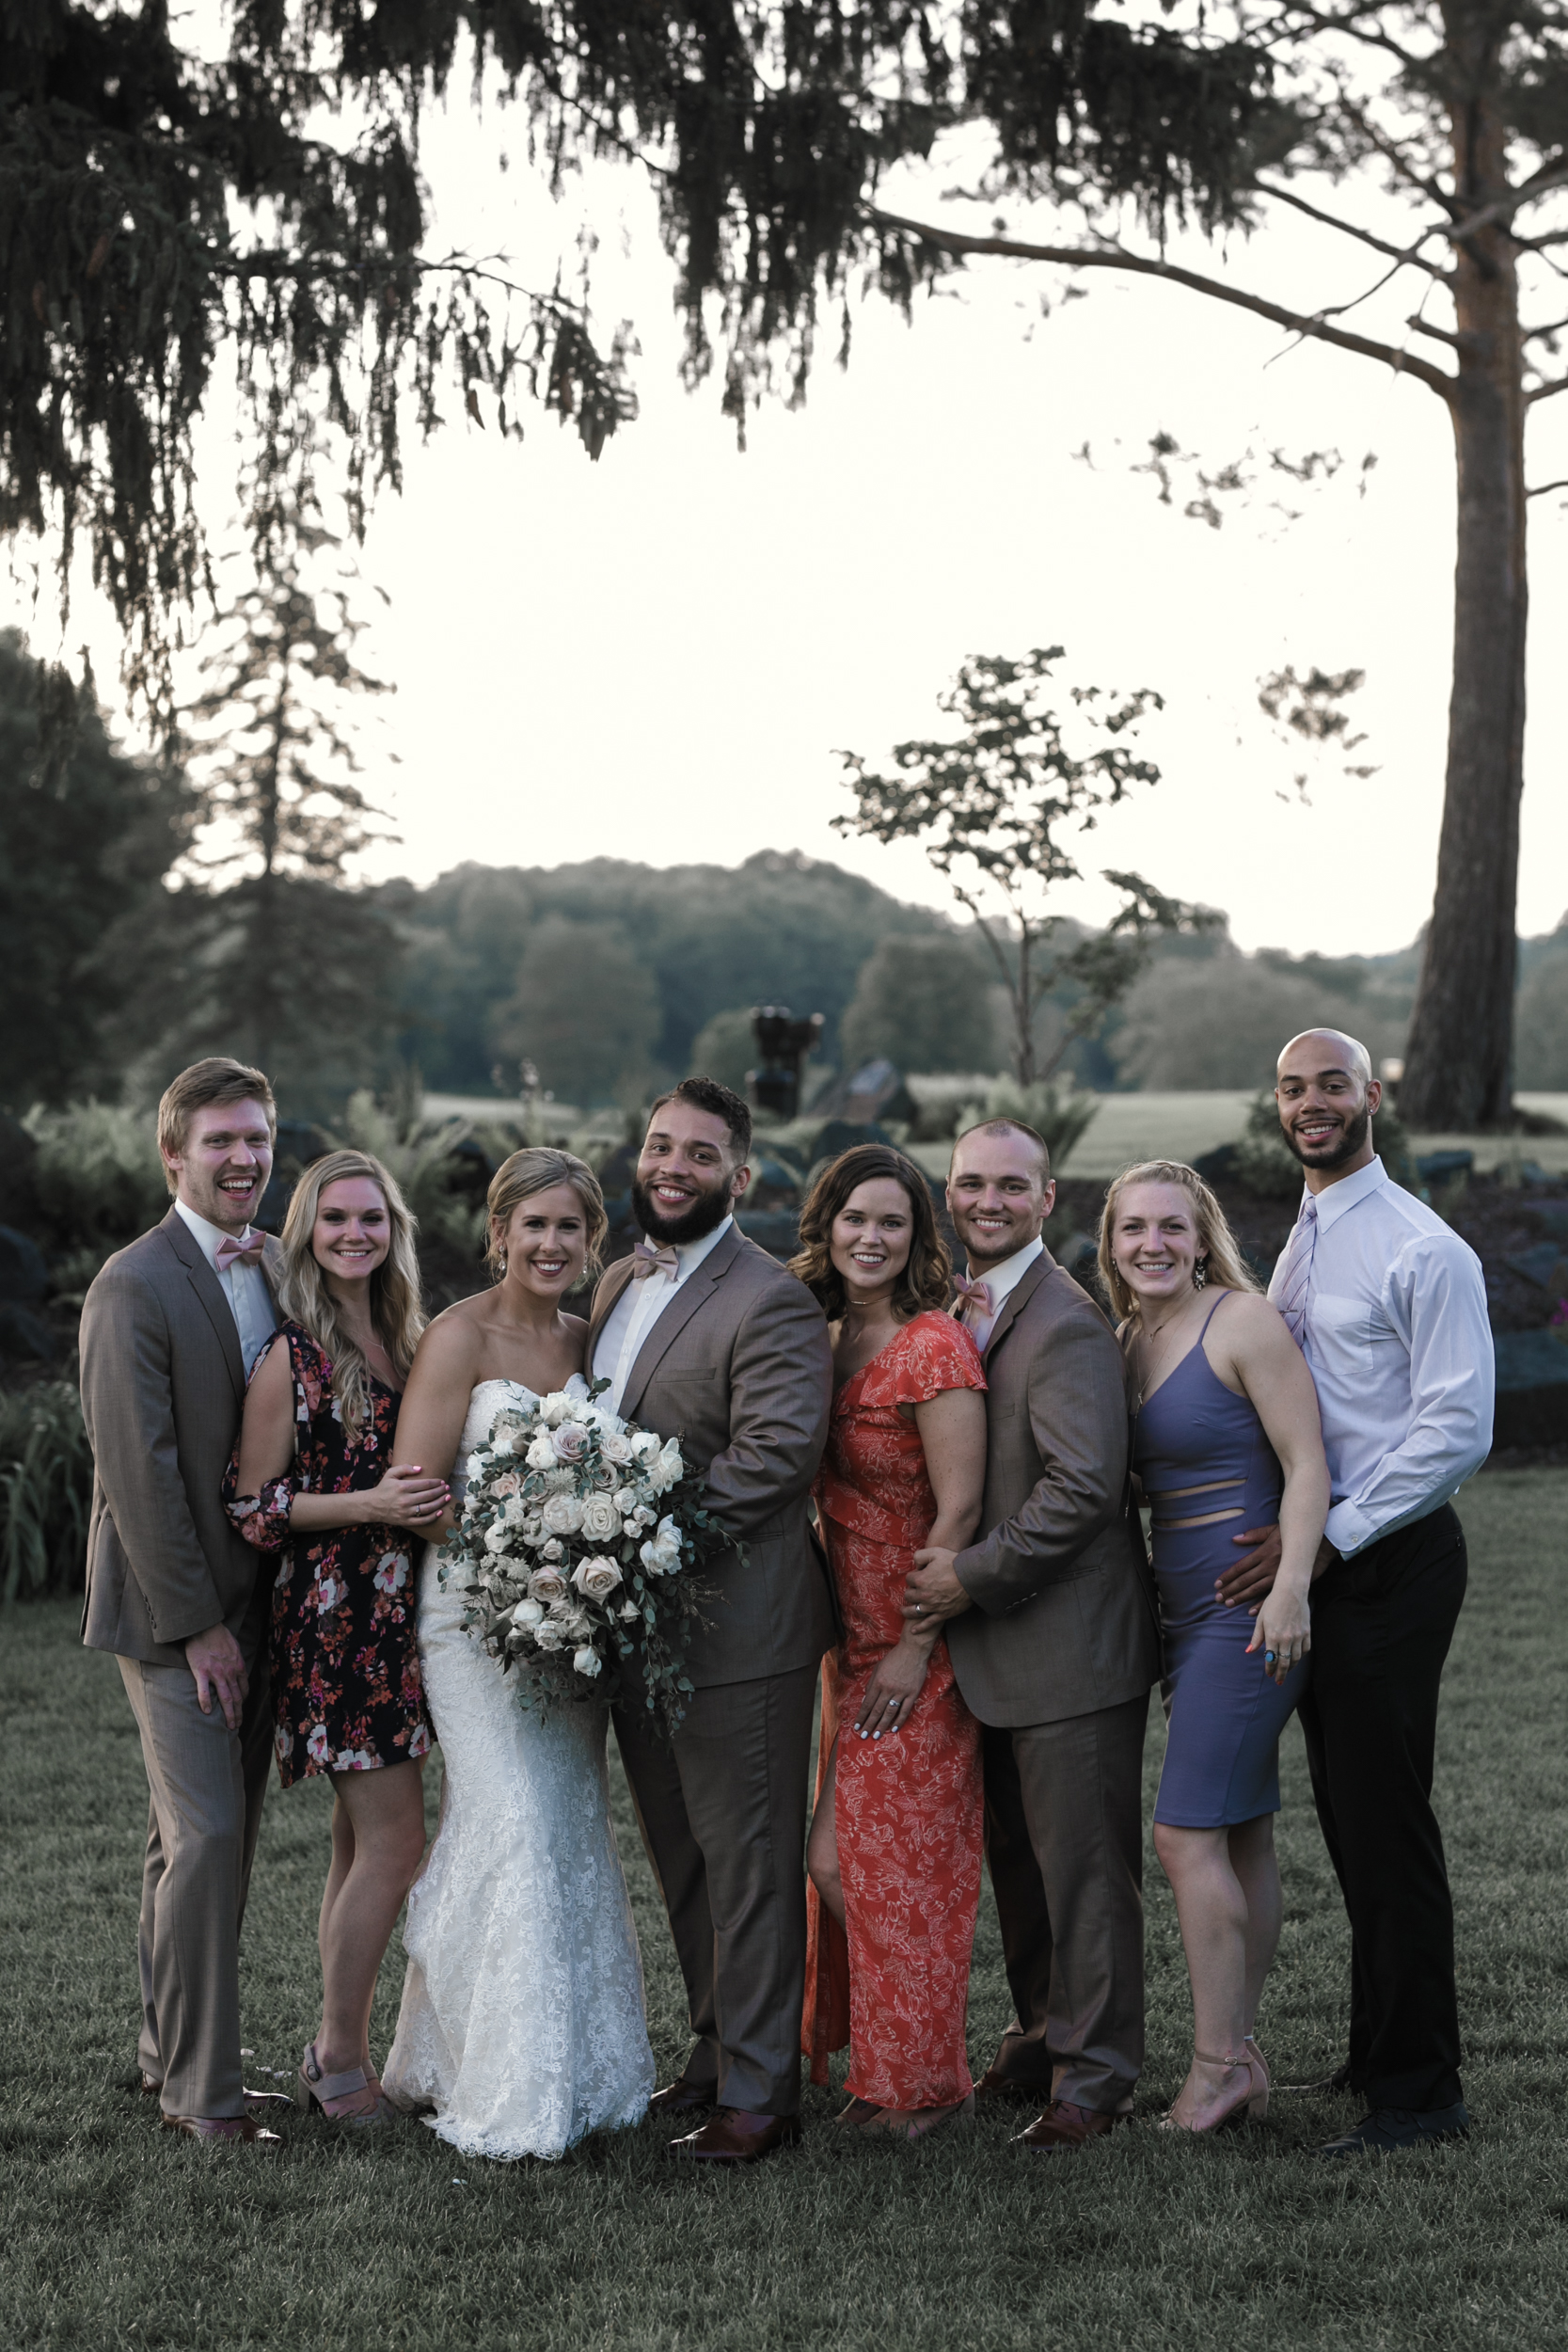 dellwood country club wedding*, Dellwood Country Club*, golf course wedding*, green golf course*, rose pink wedding details*-www.rachelsmak.com86.jpg